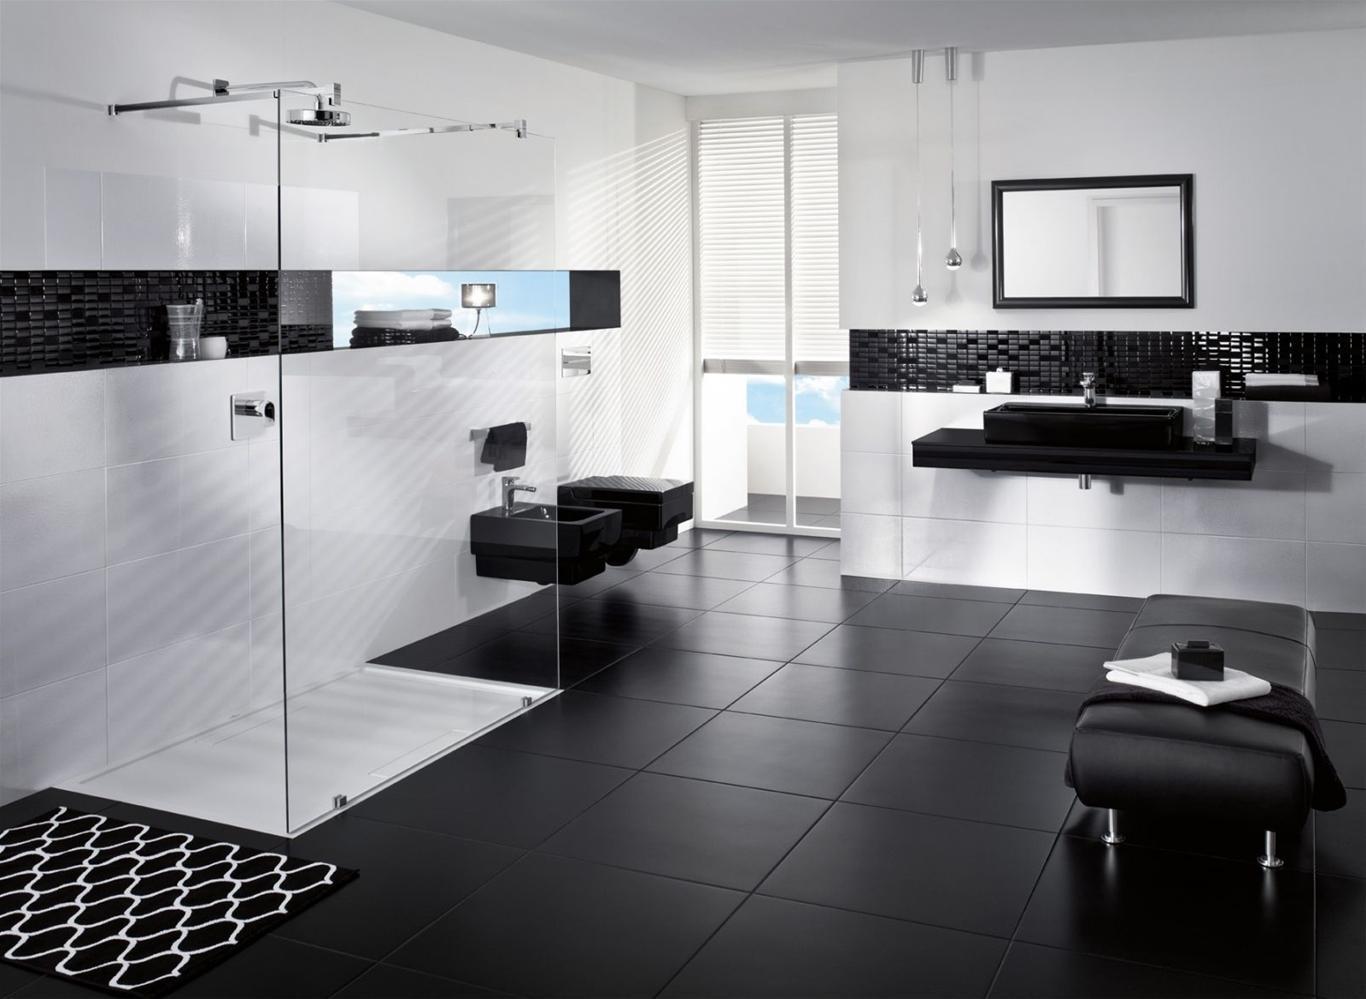 Gạch lát nền màu đen luôn mang lại nguồn cảm hứng sáng tạo bất tận cho các nhà thiết kế